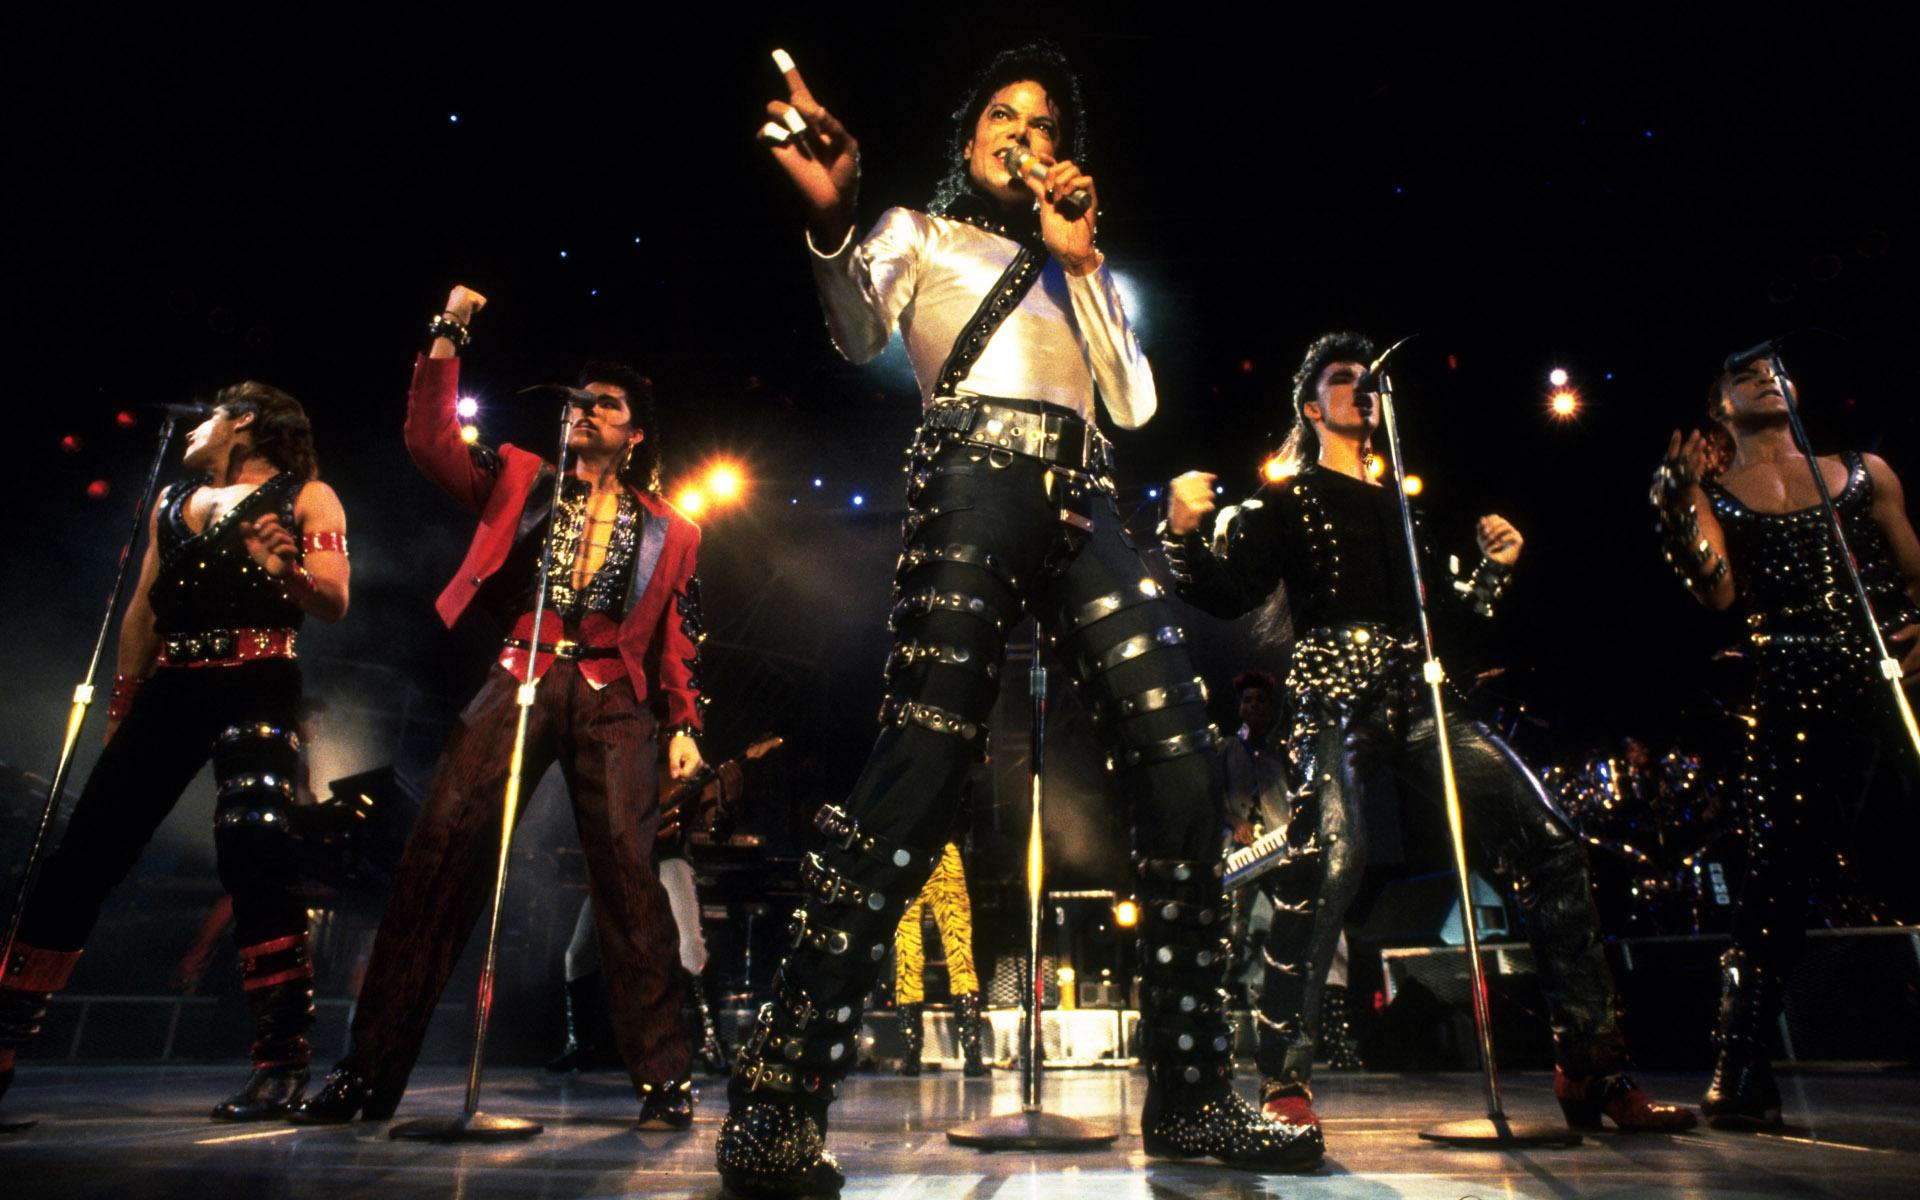 迈克尔 杰克逊壁纸